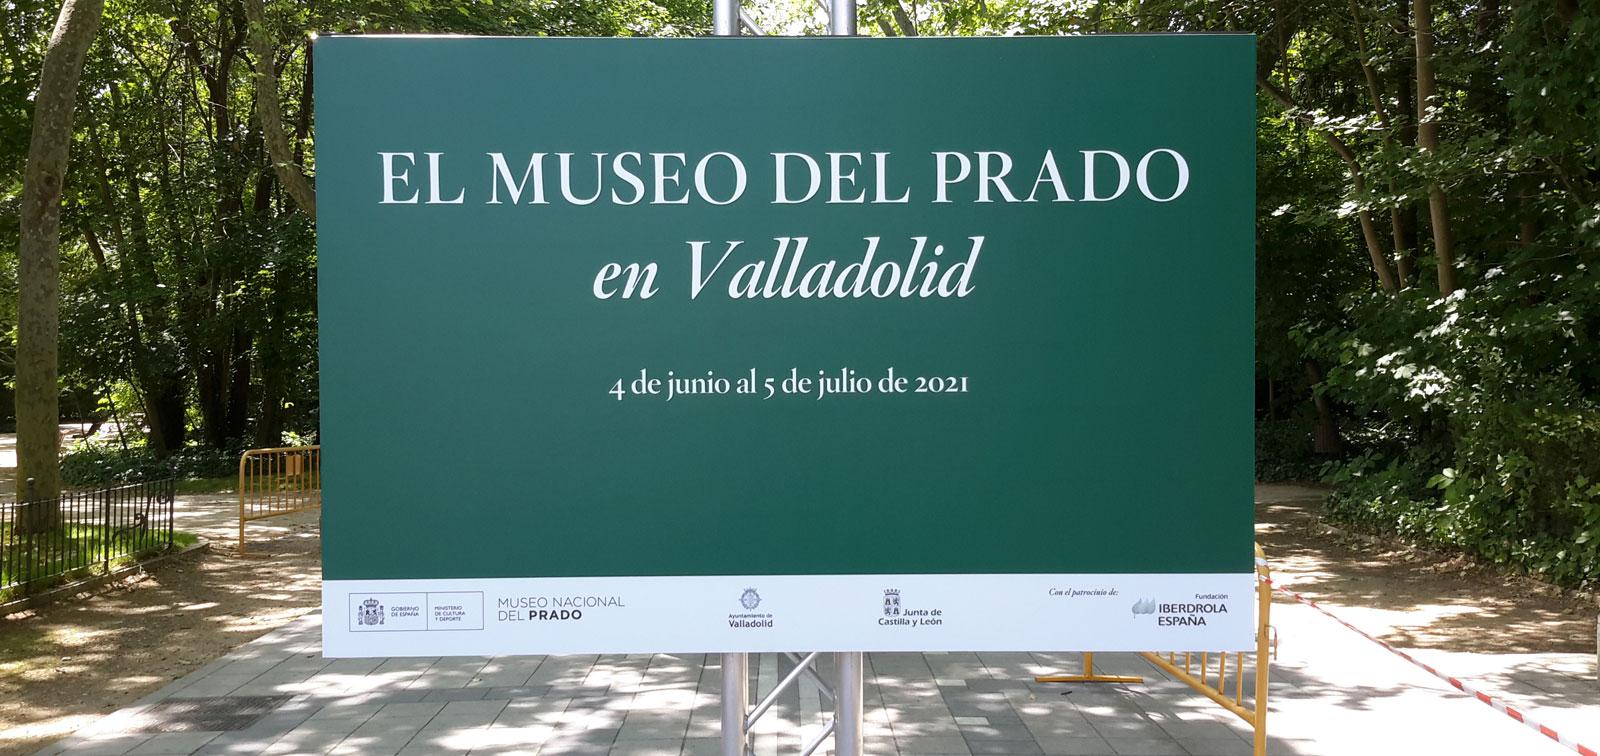 Exposición didáctica: El Museo del Prado en Valladolid